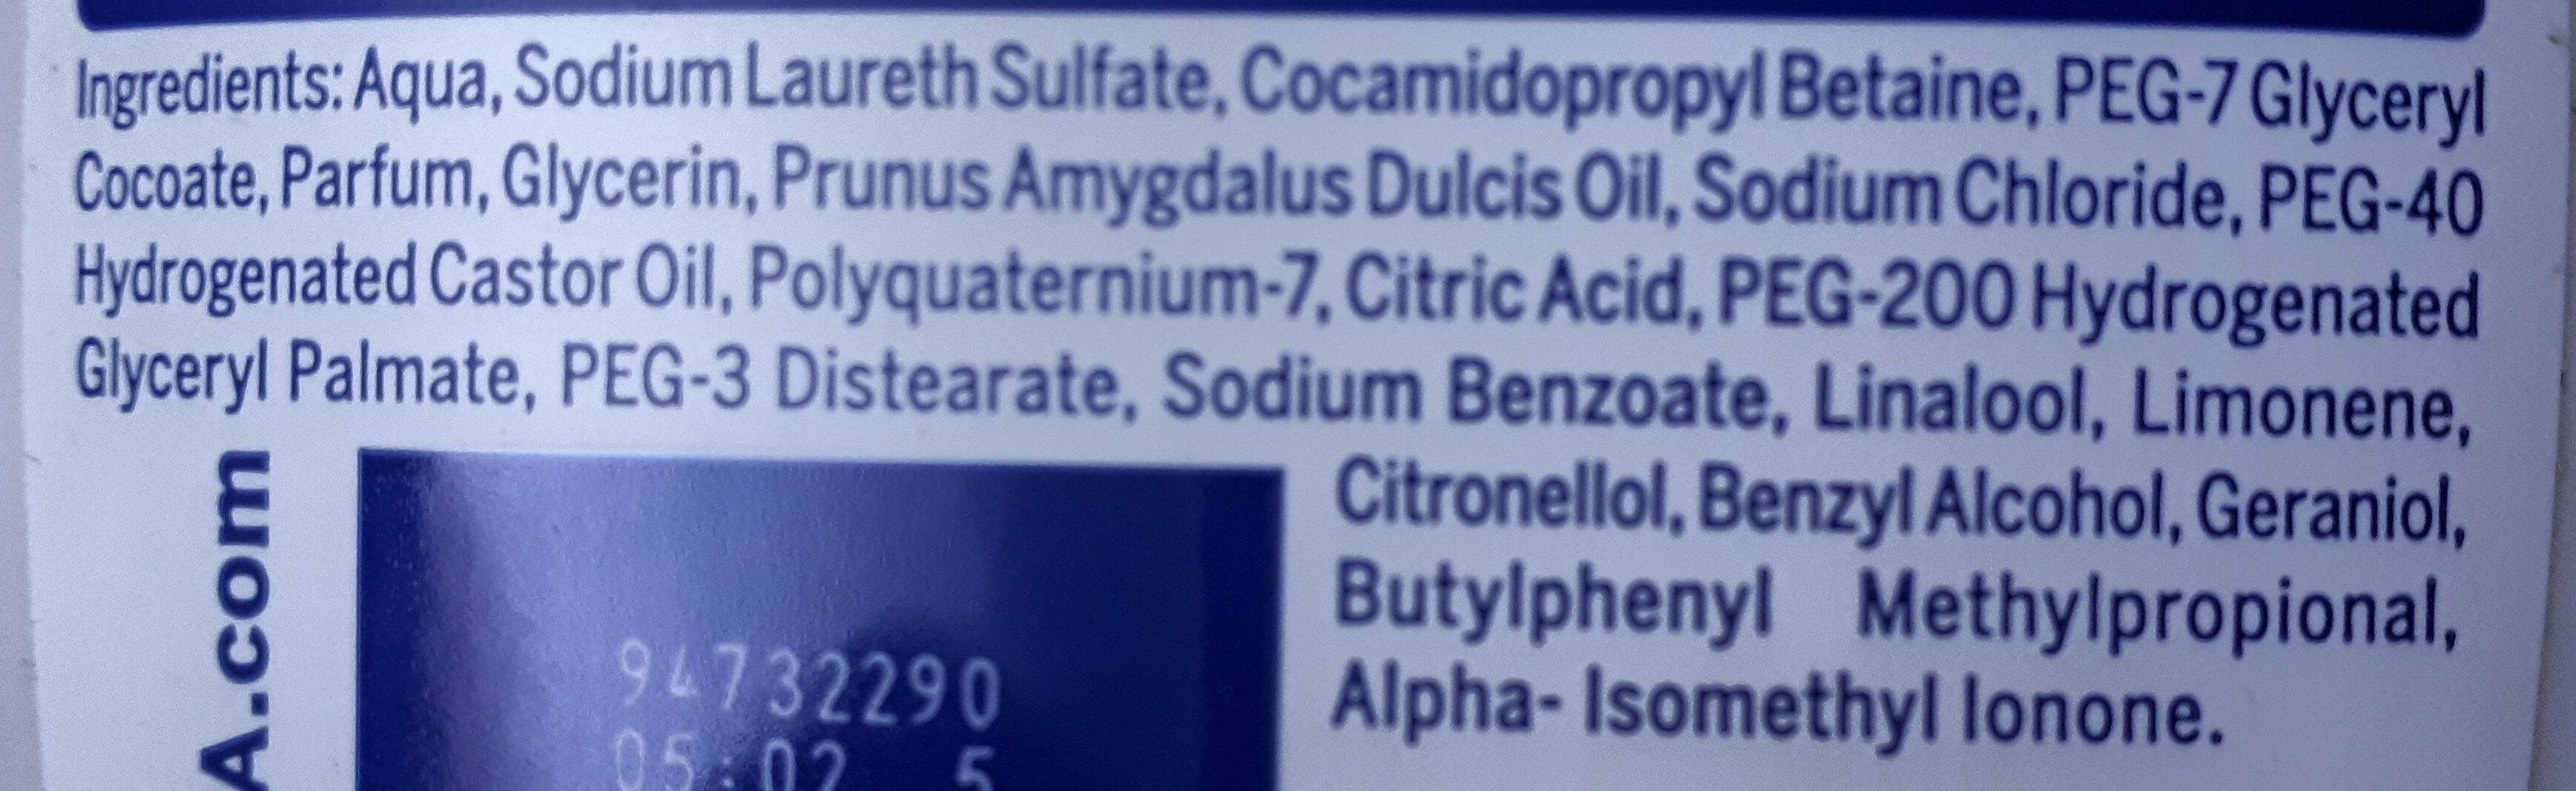 Pflegedusche creme soft - Ingredients - de